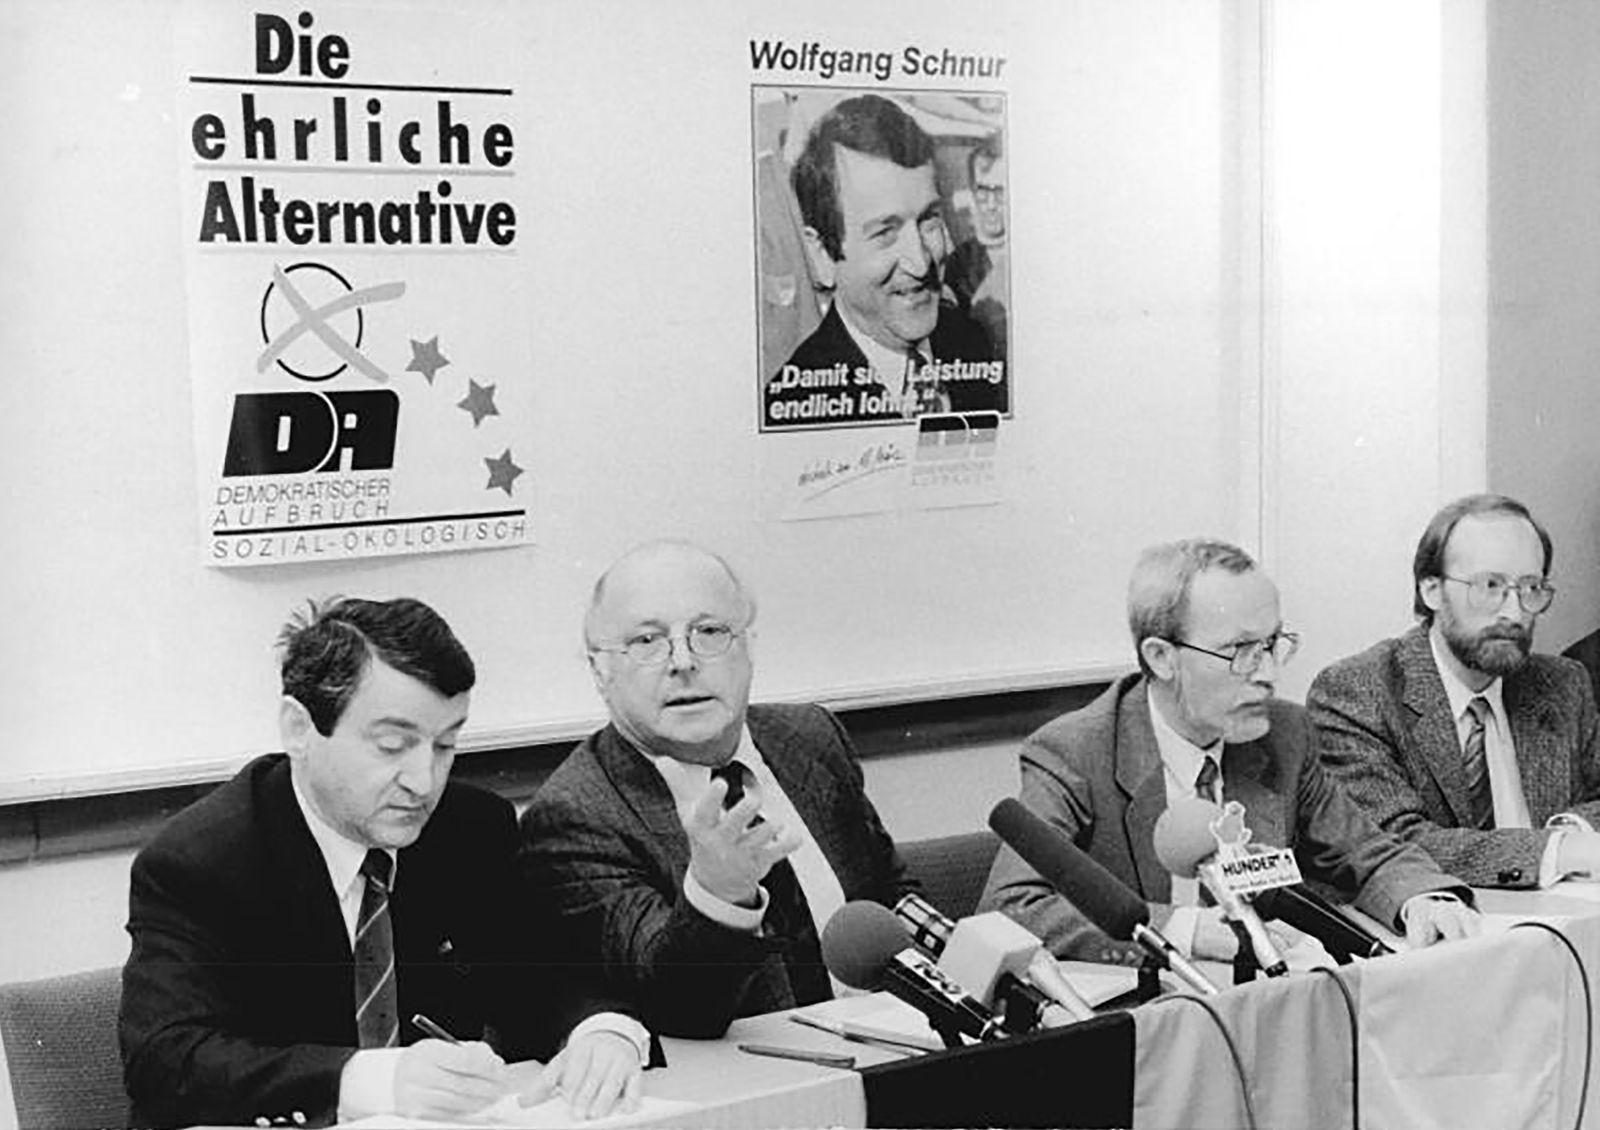 Volkskammerwahl 1990 - Berlin, Volkskammerwahl, Pressekonferenz Allianz für Deutschland